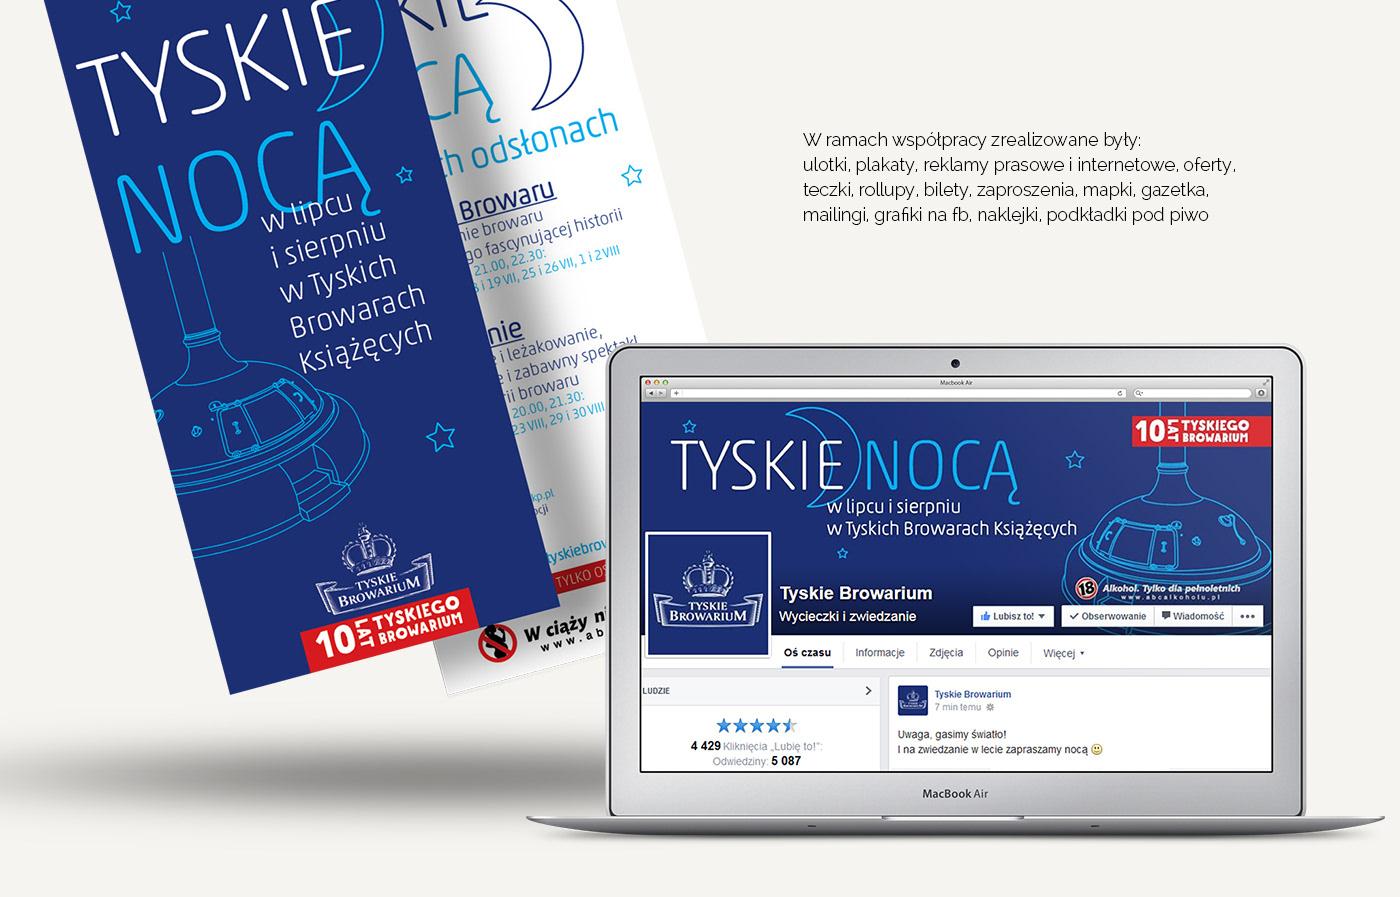 deisgn leaflet brewery poster ticket Invitation social media Keyvisual night beer